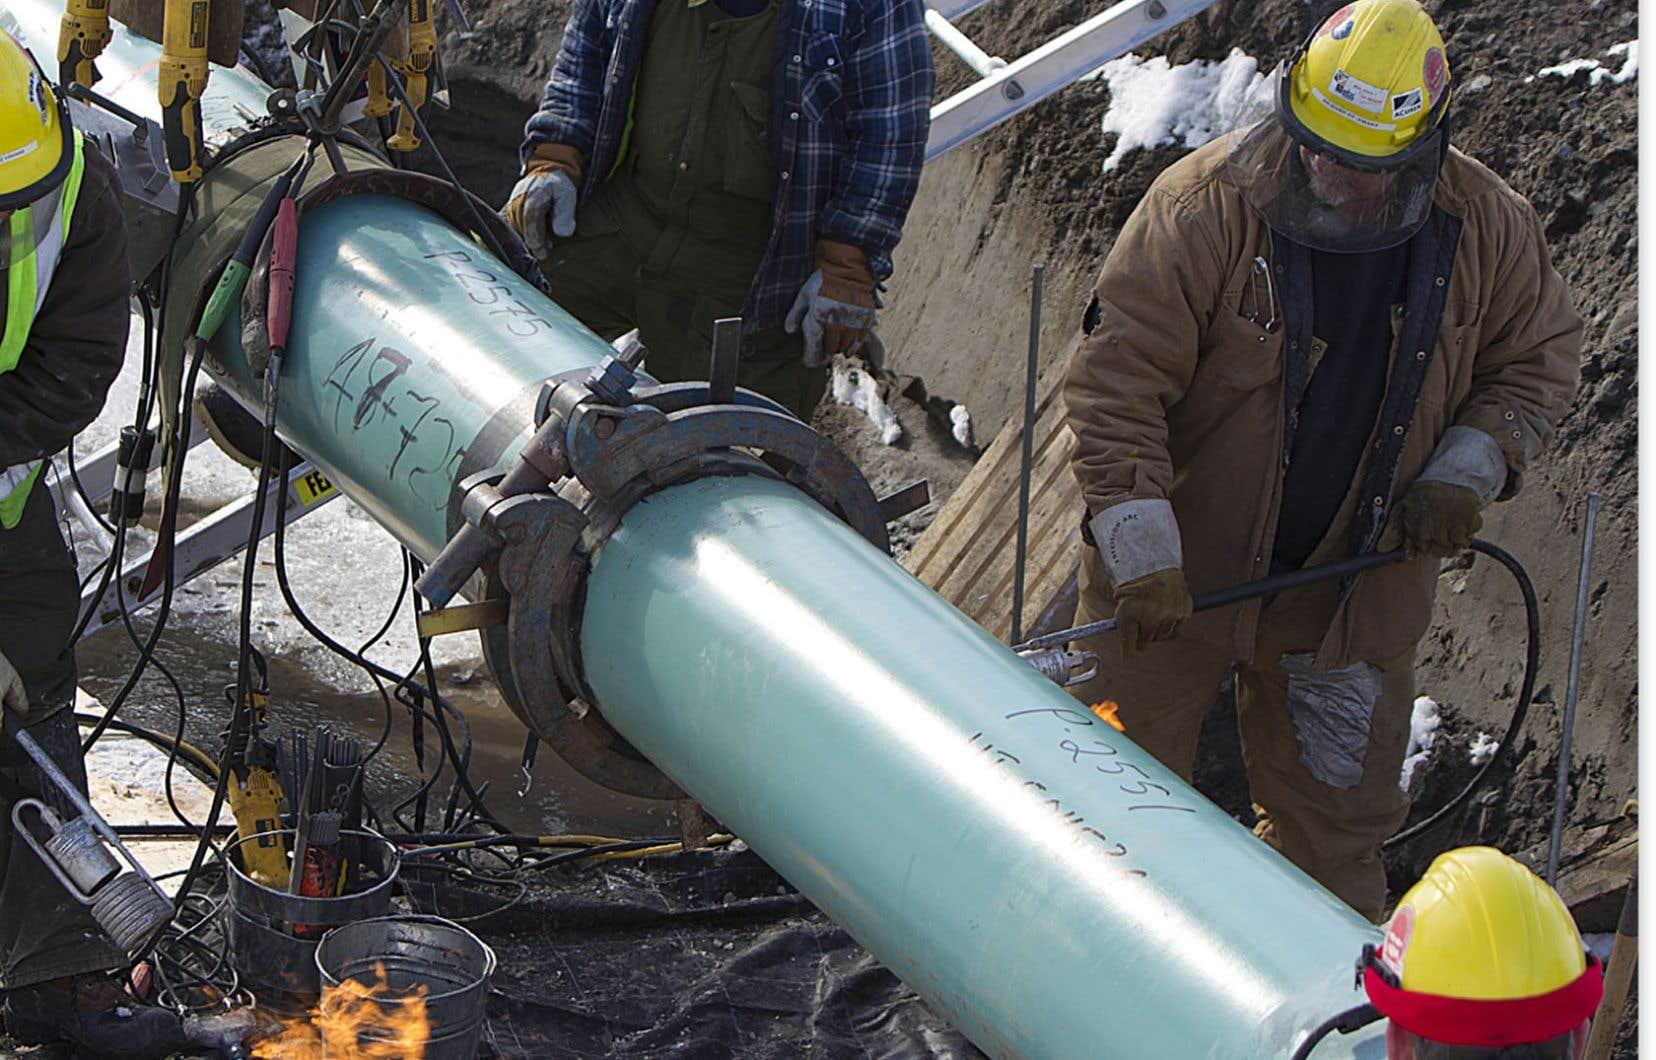 Depuis 1950, le flux de l'oléoduc part de Portland afin d'approvisionner les raffineries à Montréal.